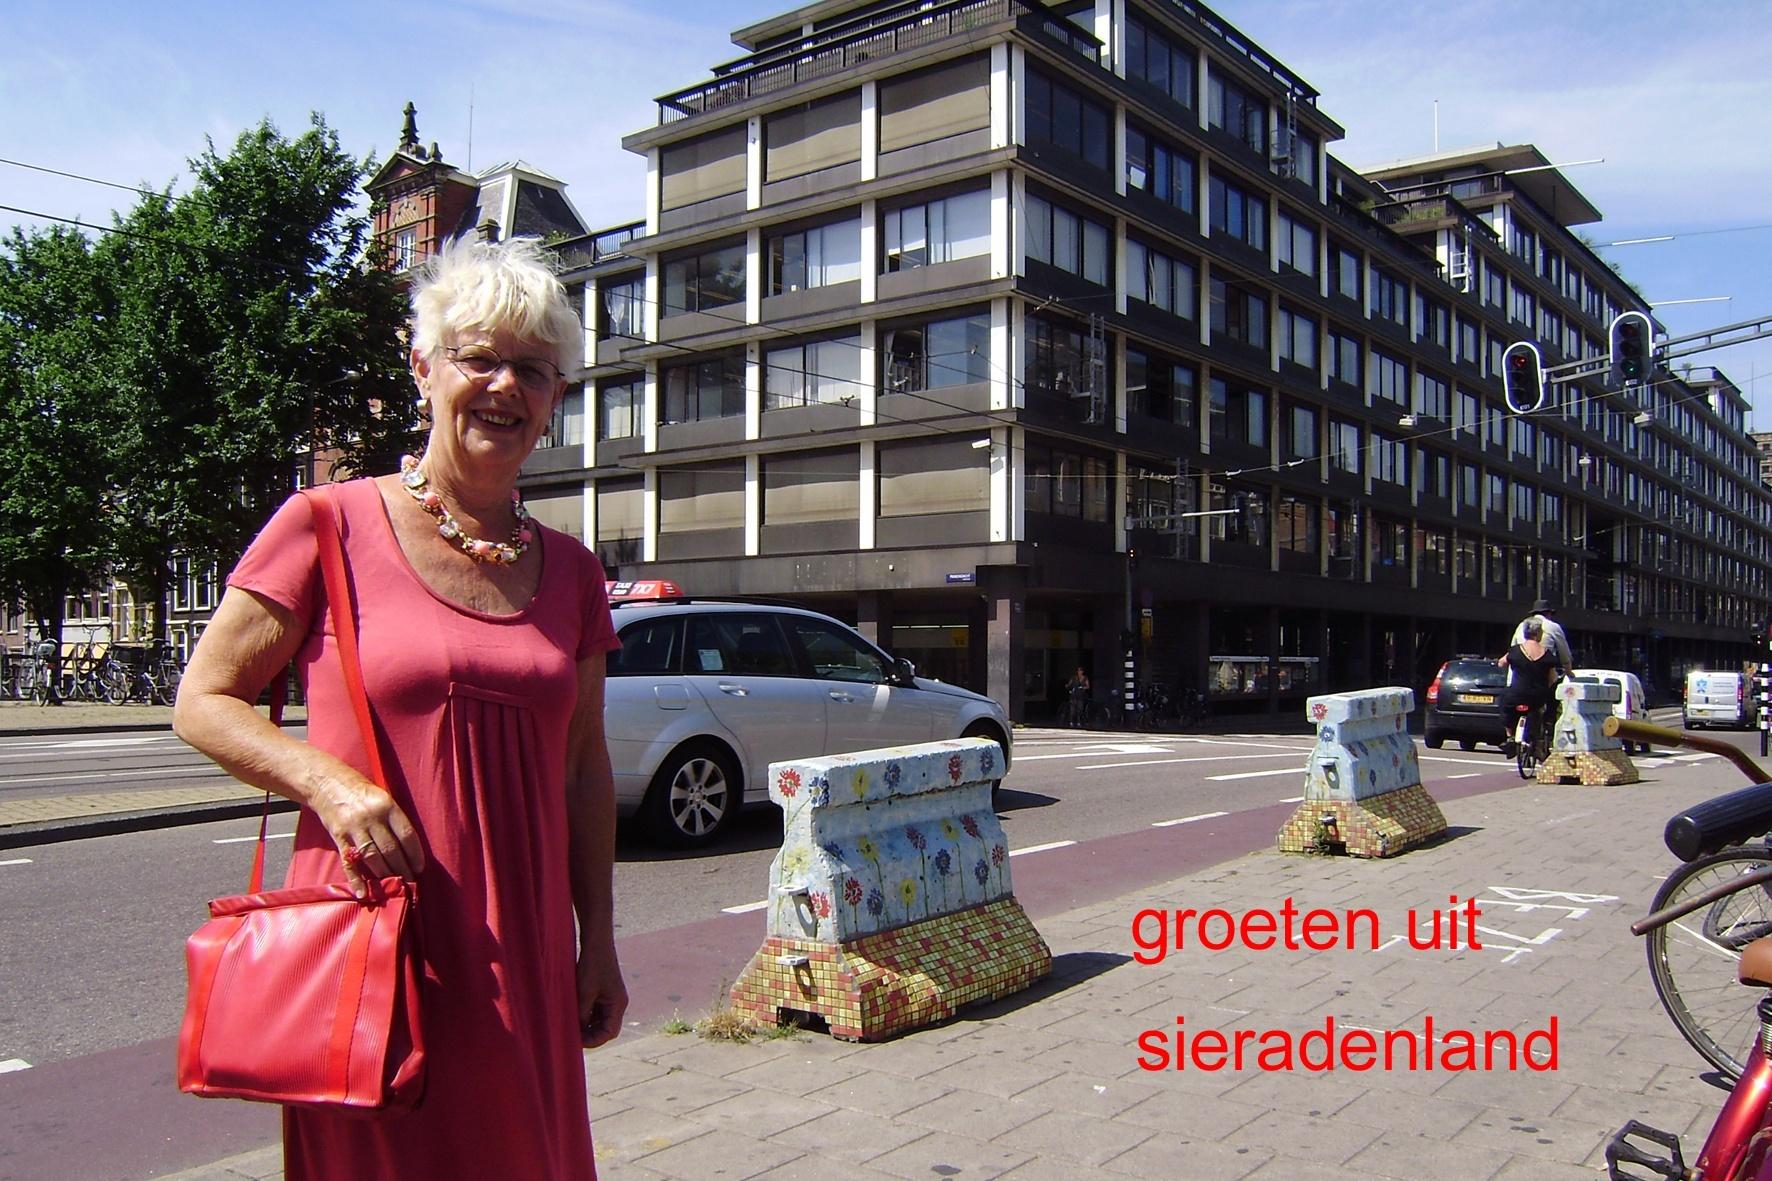 Claartje Keur, Zelfportret met halssieraad van Daniëlle Koninkx, Amsterdam, Vijzelstraat, 2010. Foto Claartje Keur